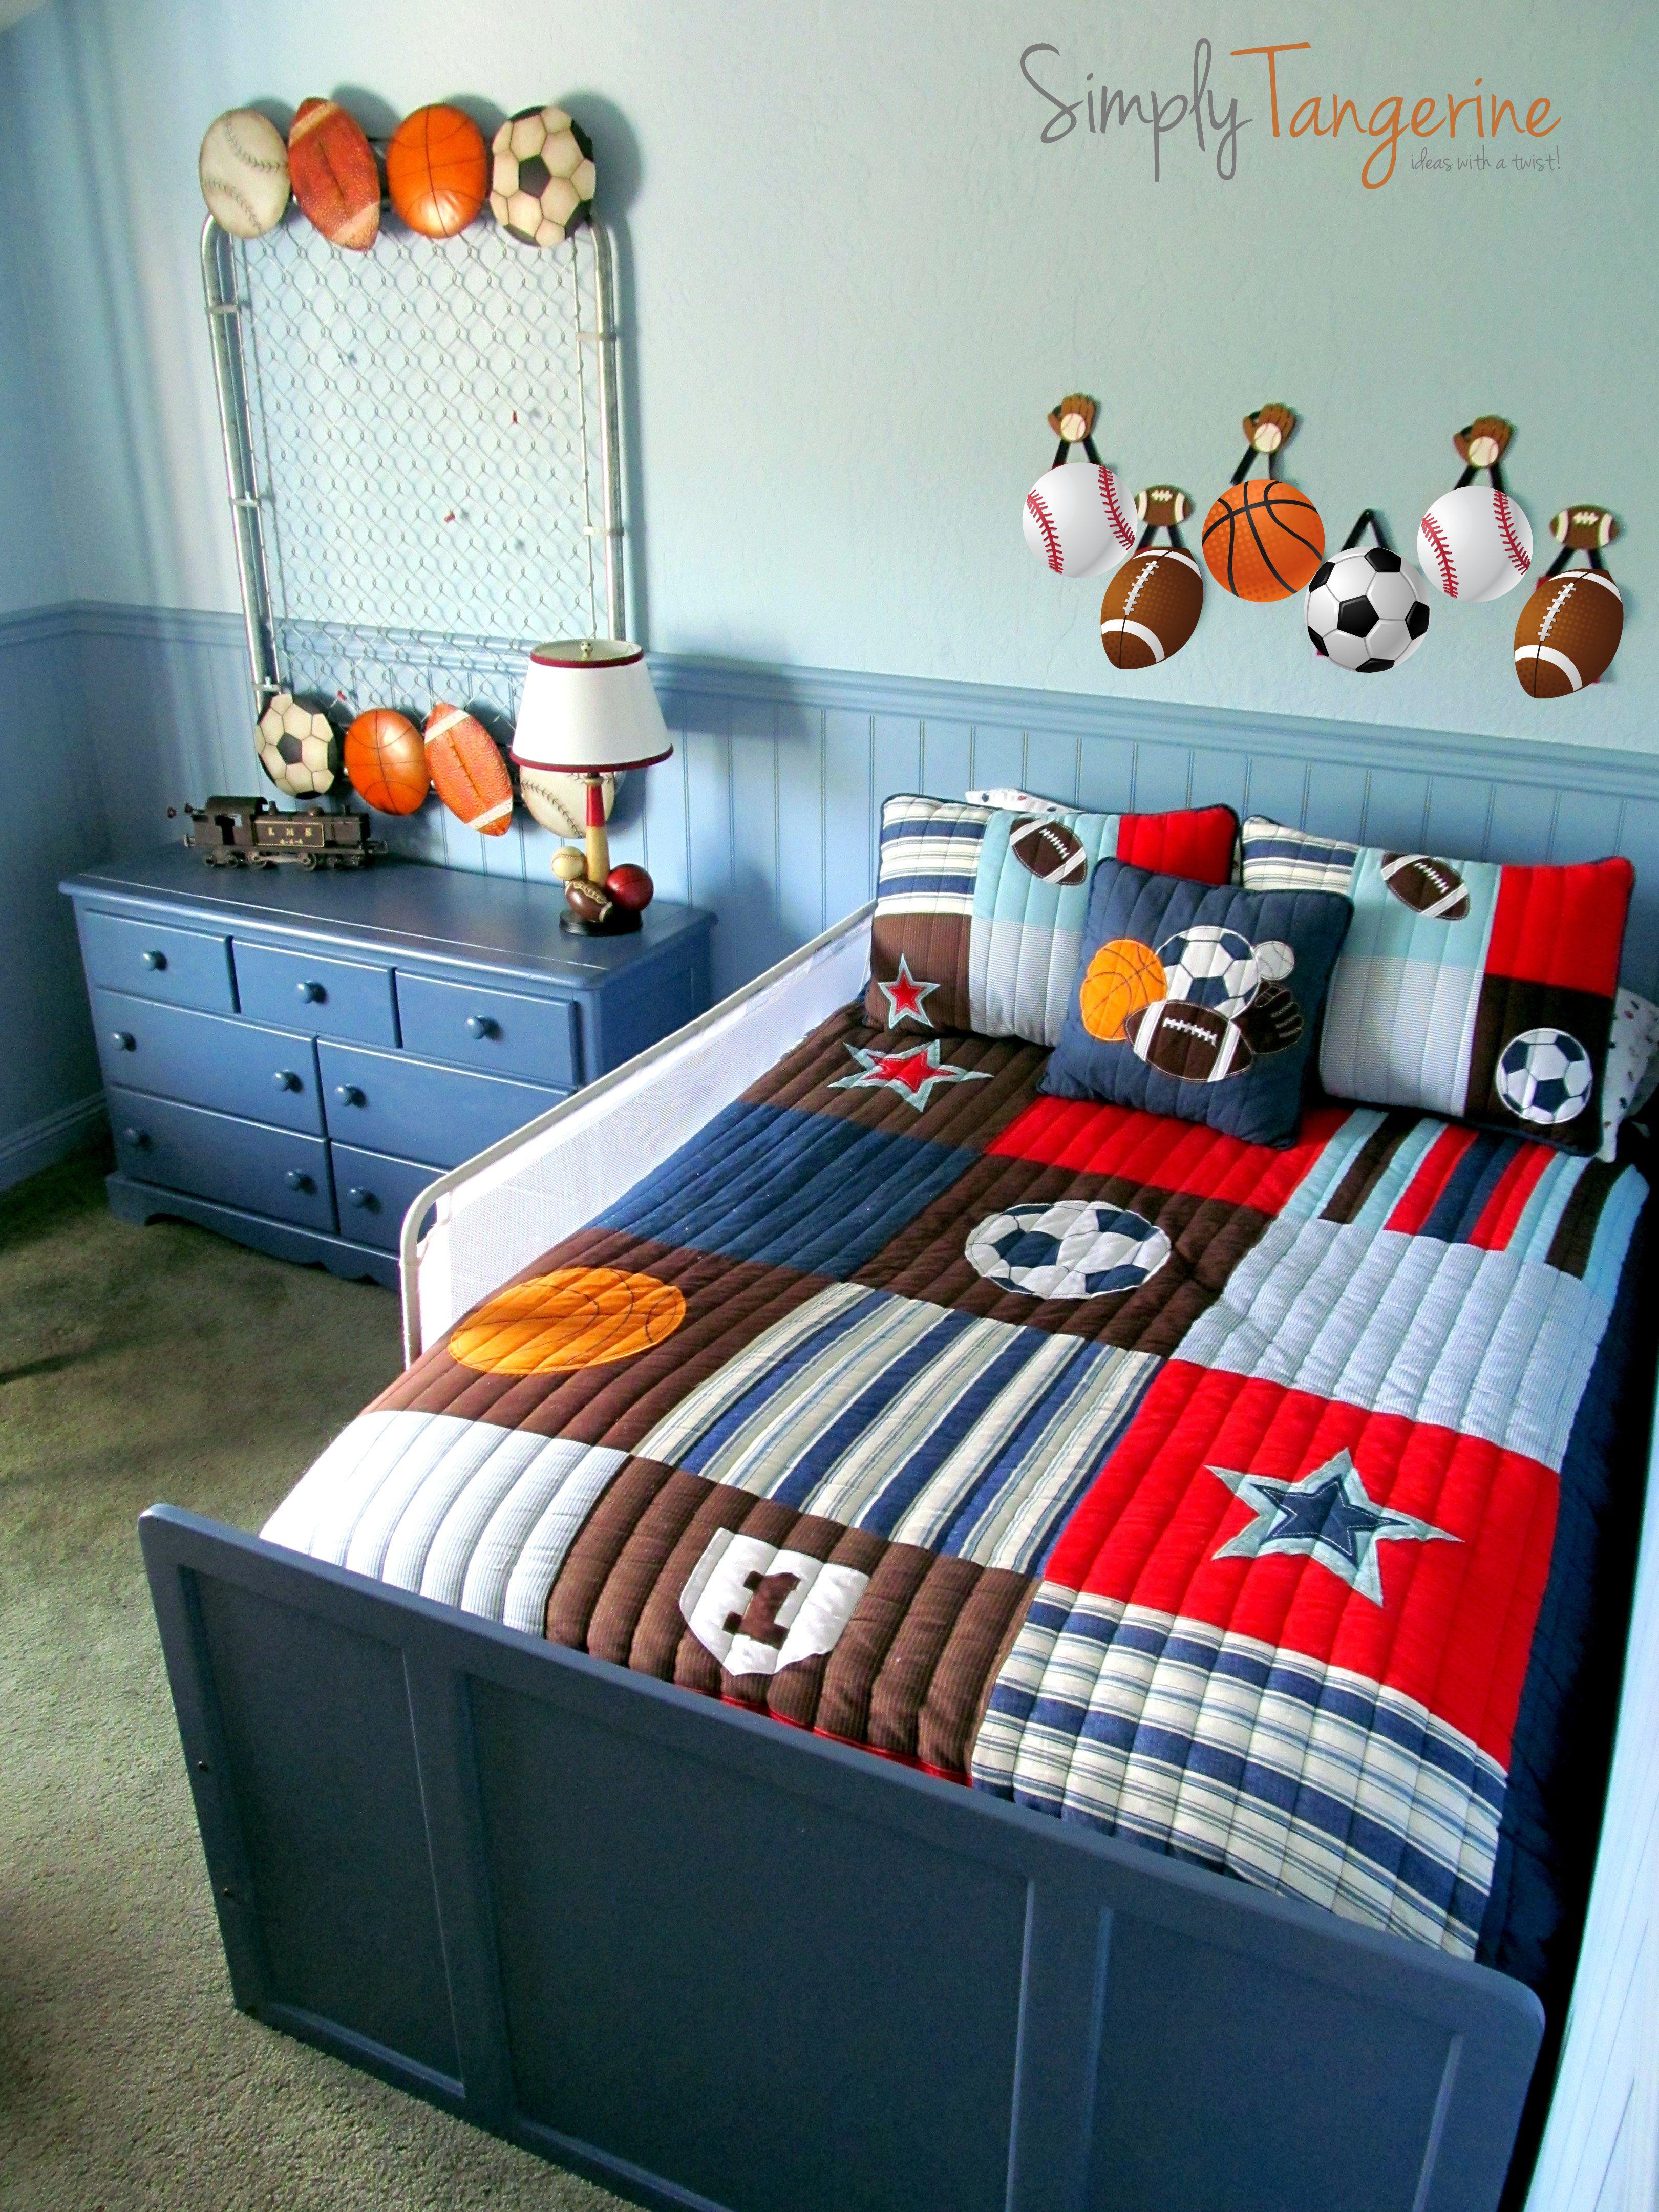 Thepowerofpaintanallstarroommakeover boys room